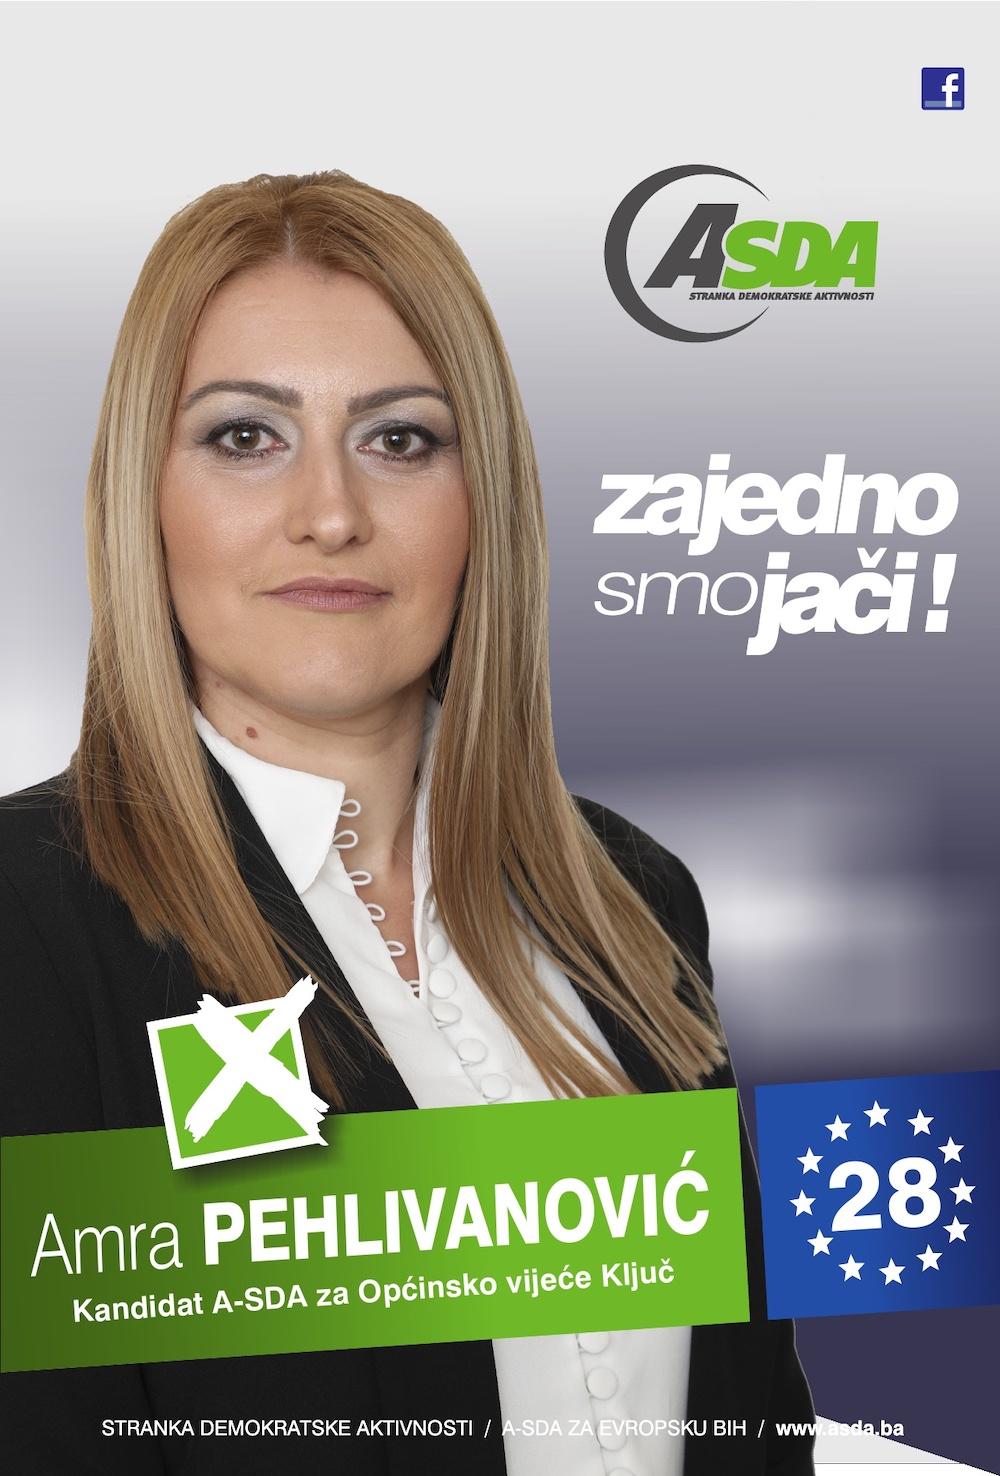 Amra Pehlivanović